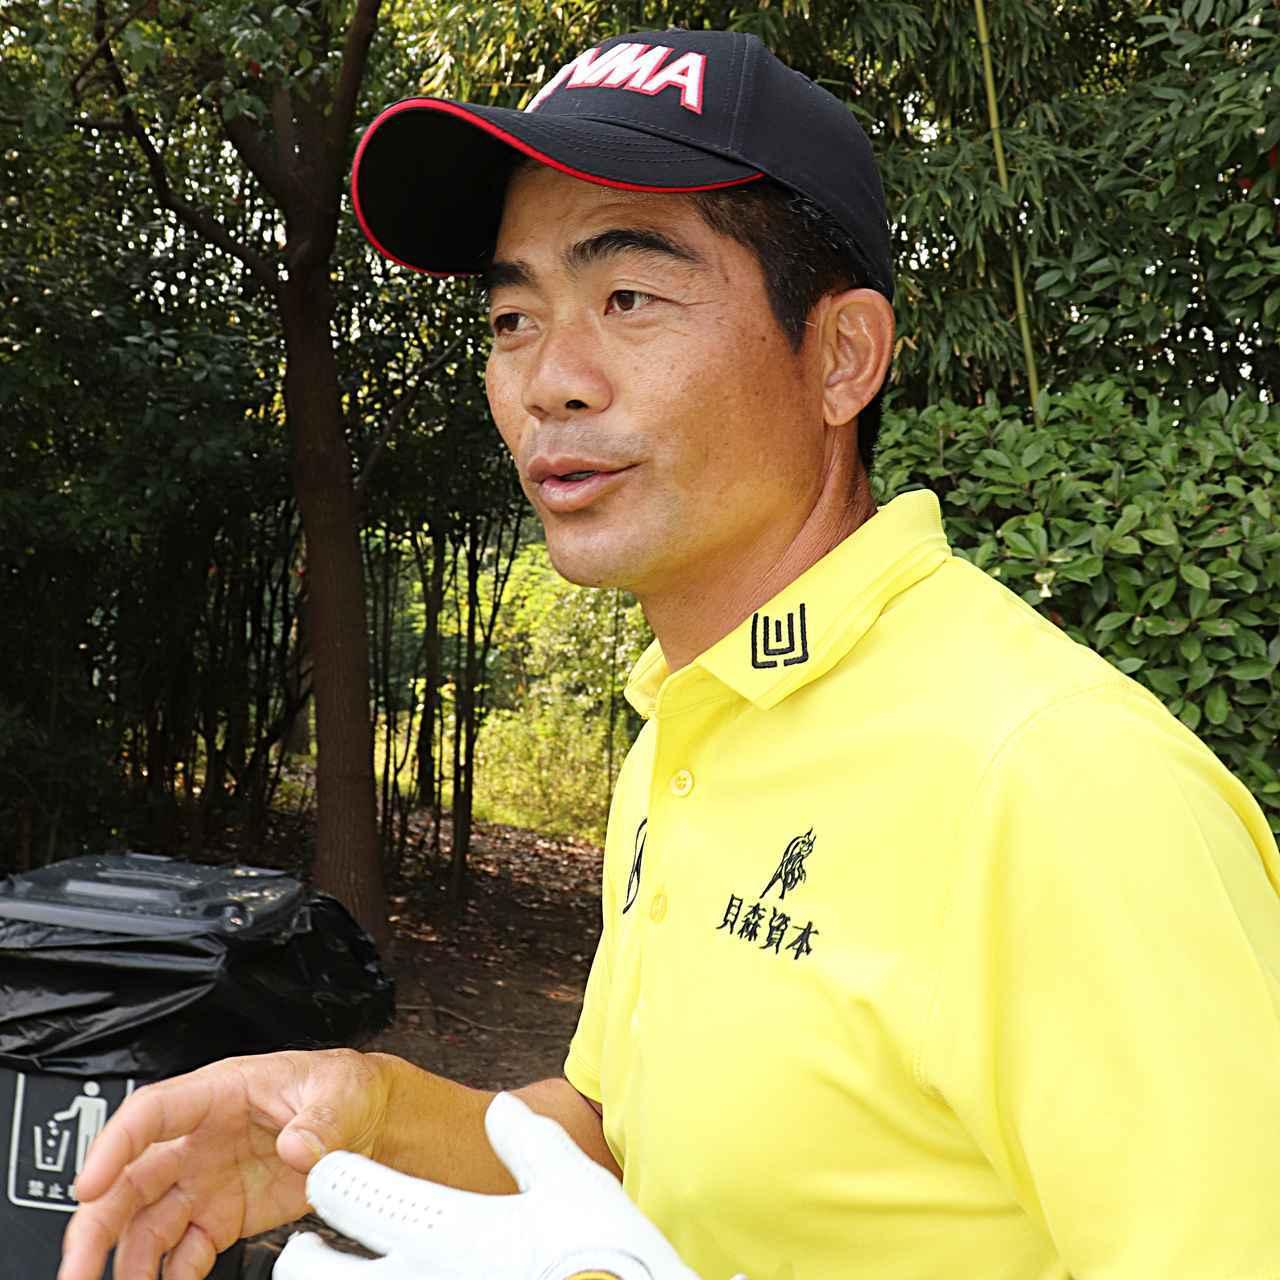 画像: 日本から取材に訪れた記者をもてなしてくれたリャンさん